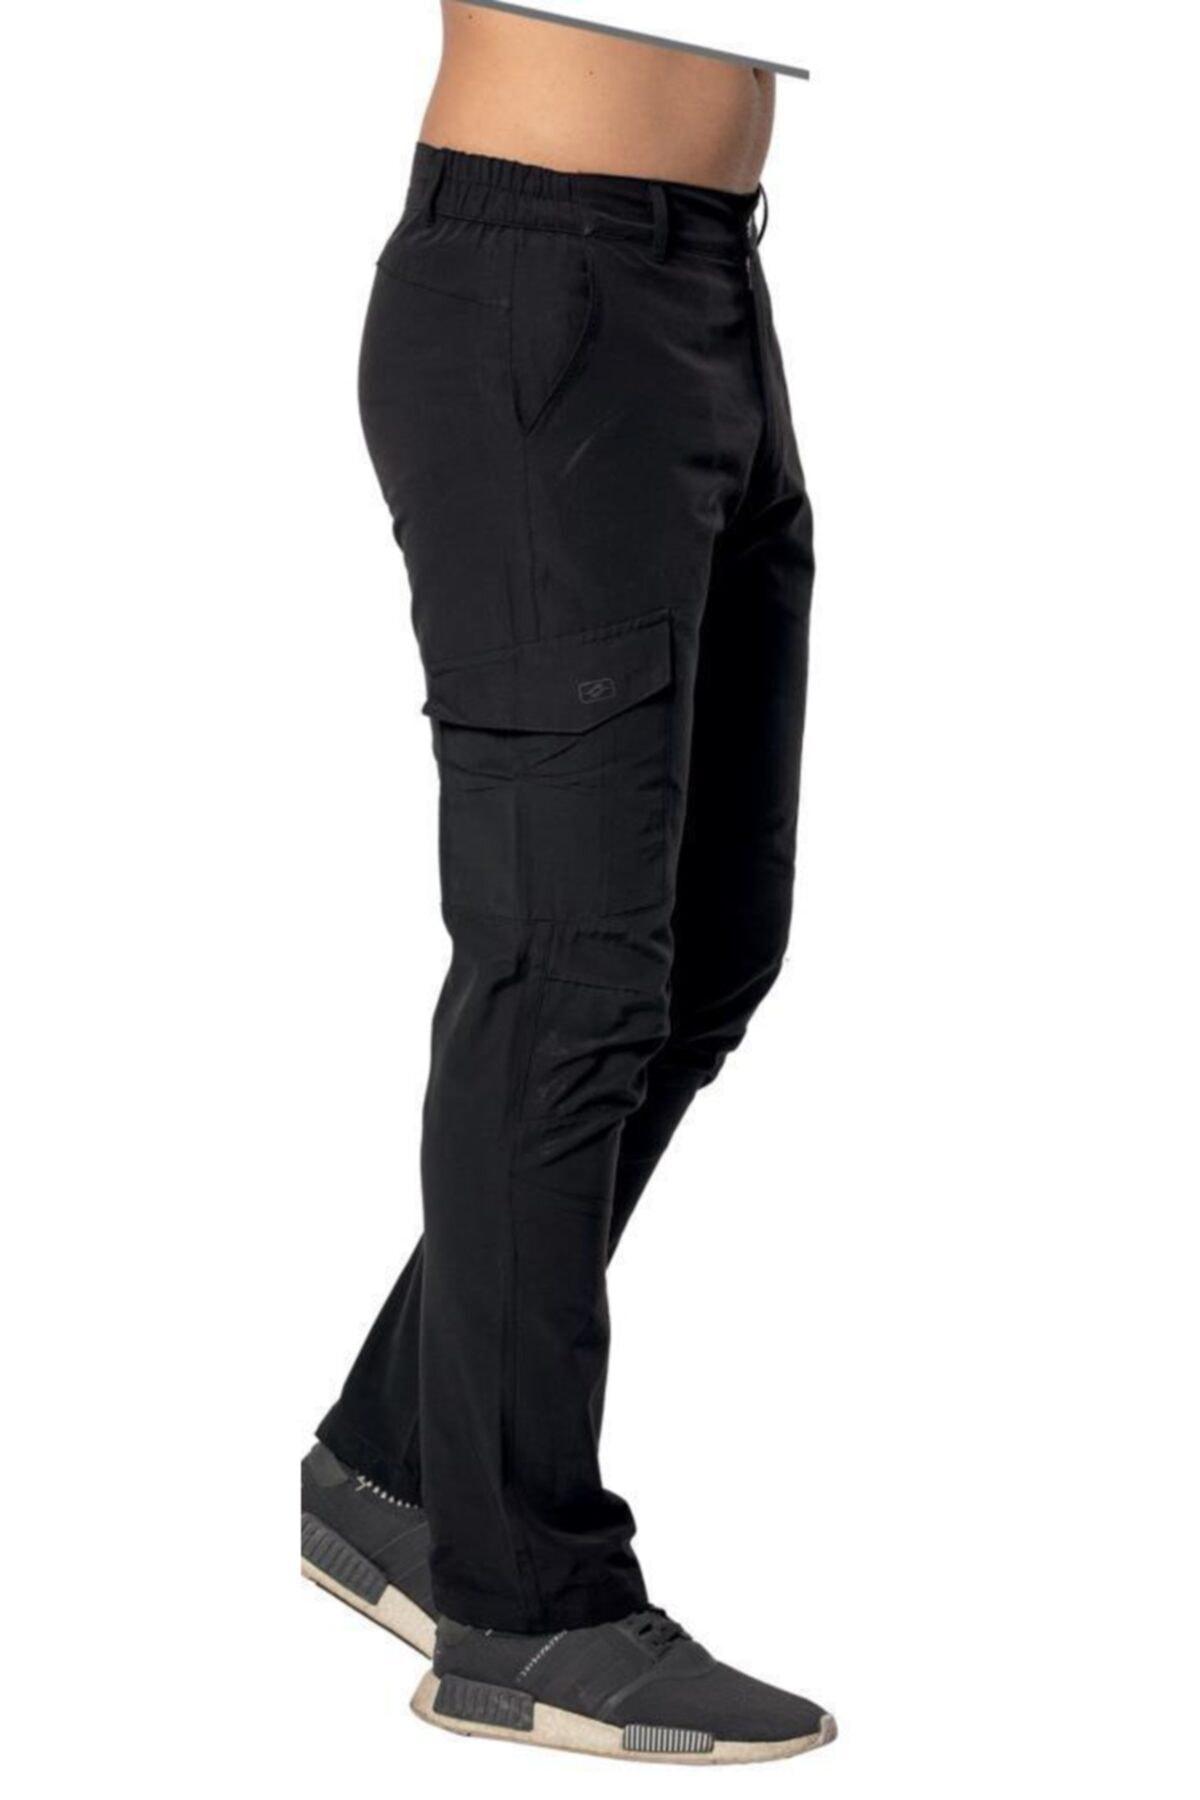 Crozwise Erkek Pantolon Yeni Sezon Yazlık Outdoor Pantolon 1